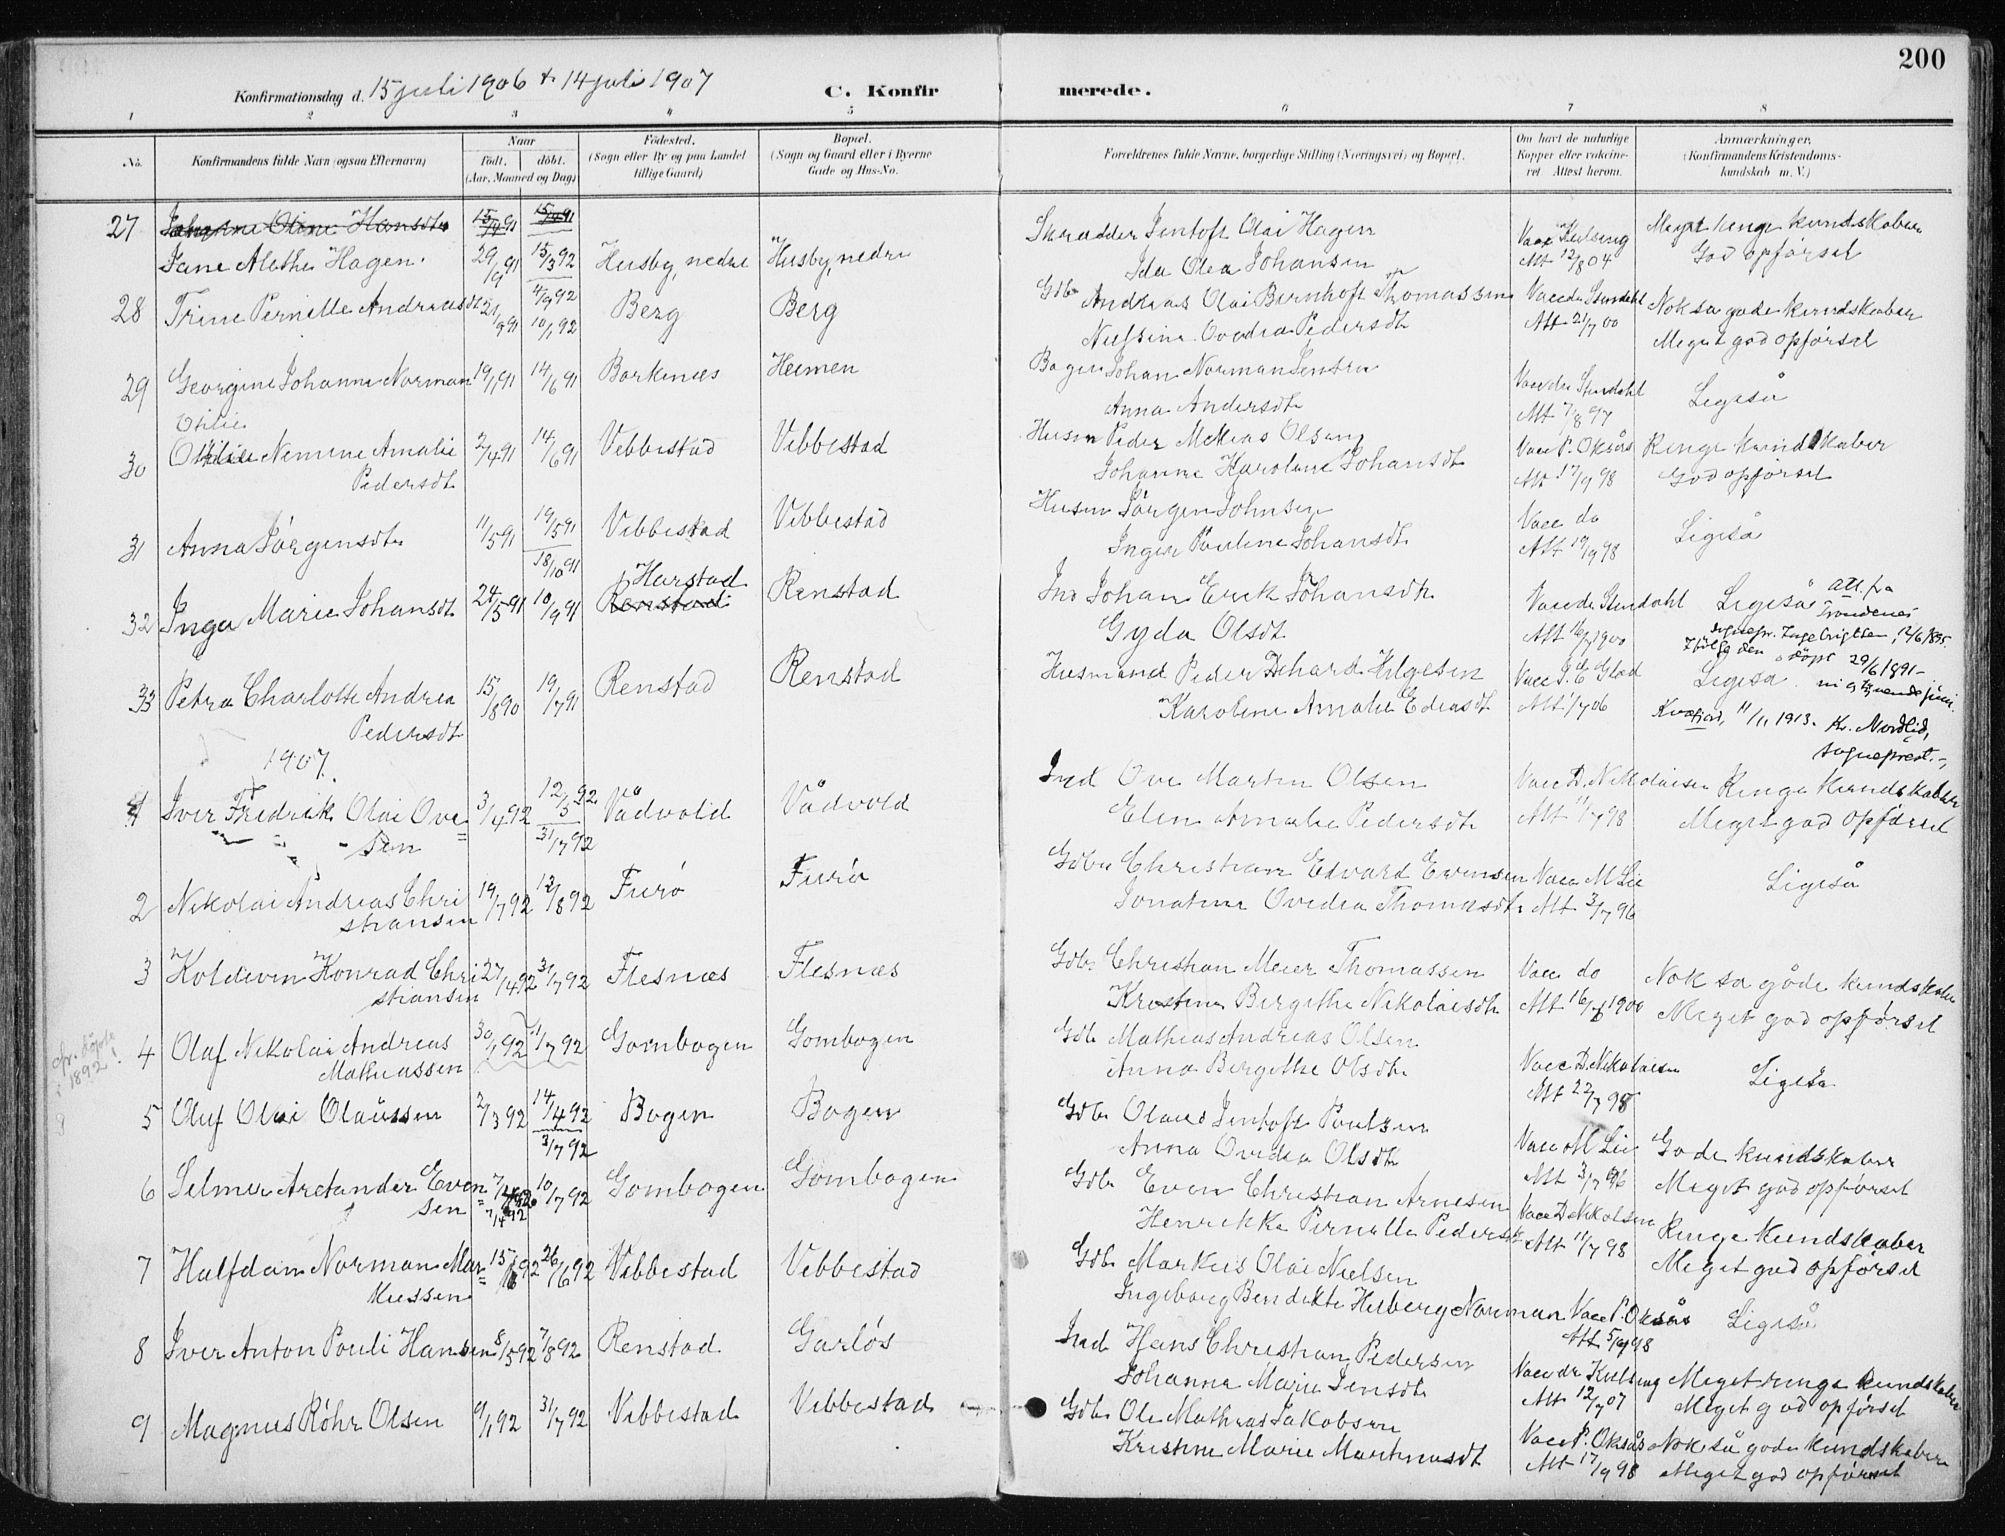 SATØ, Kvæfjord sokneprestkontor, G/Ga/Gaa/L0006kirke: Ministerialbok nr. 6, 1895-1914, s. 200